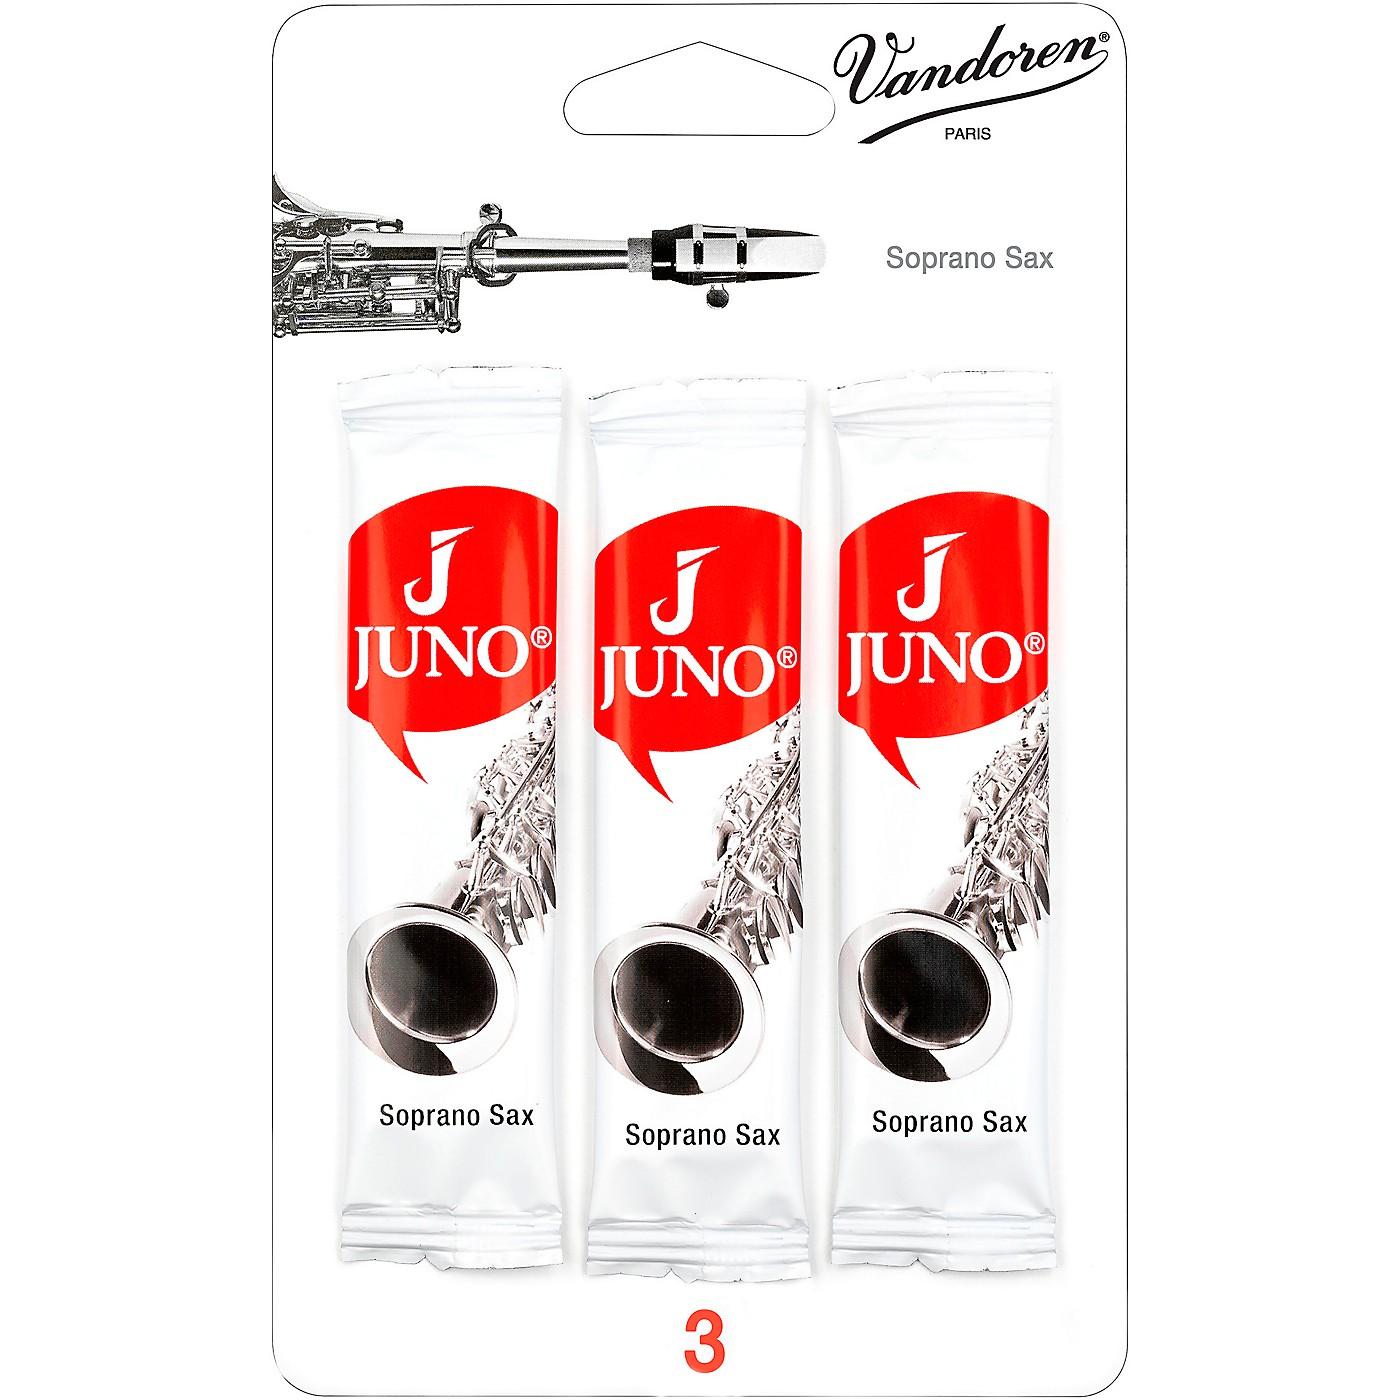 Vandoren JUNO Soprano Saxophone 3 Reed Card thumbnail